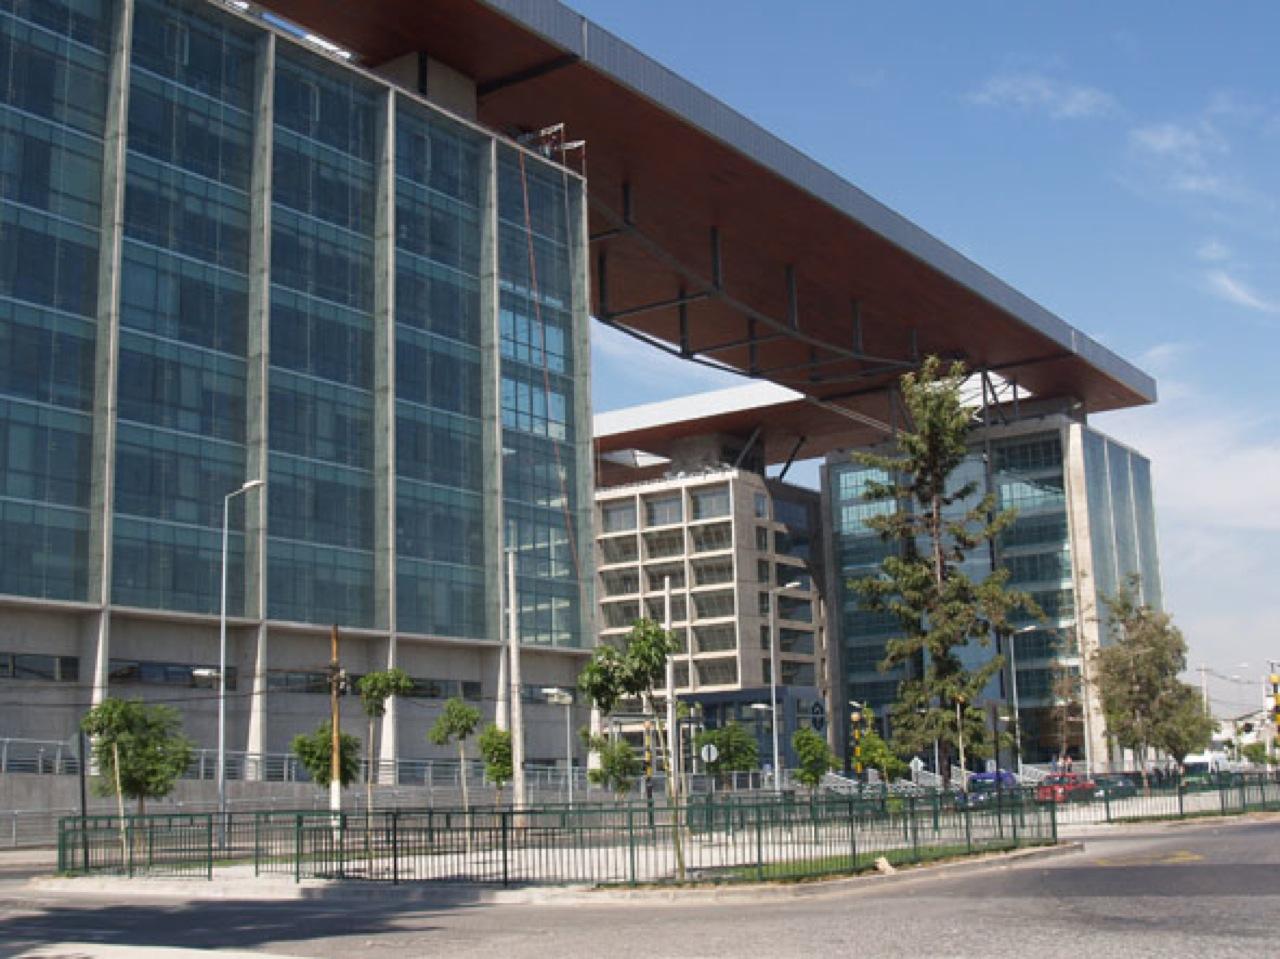 Alterada jornada de formalización de casos Penta y SQM por alarma de bomba en Centro de Justicia